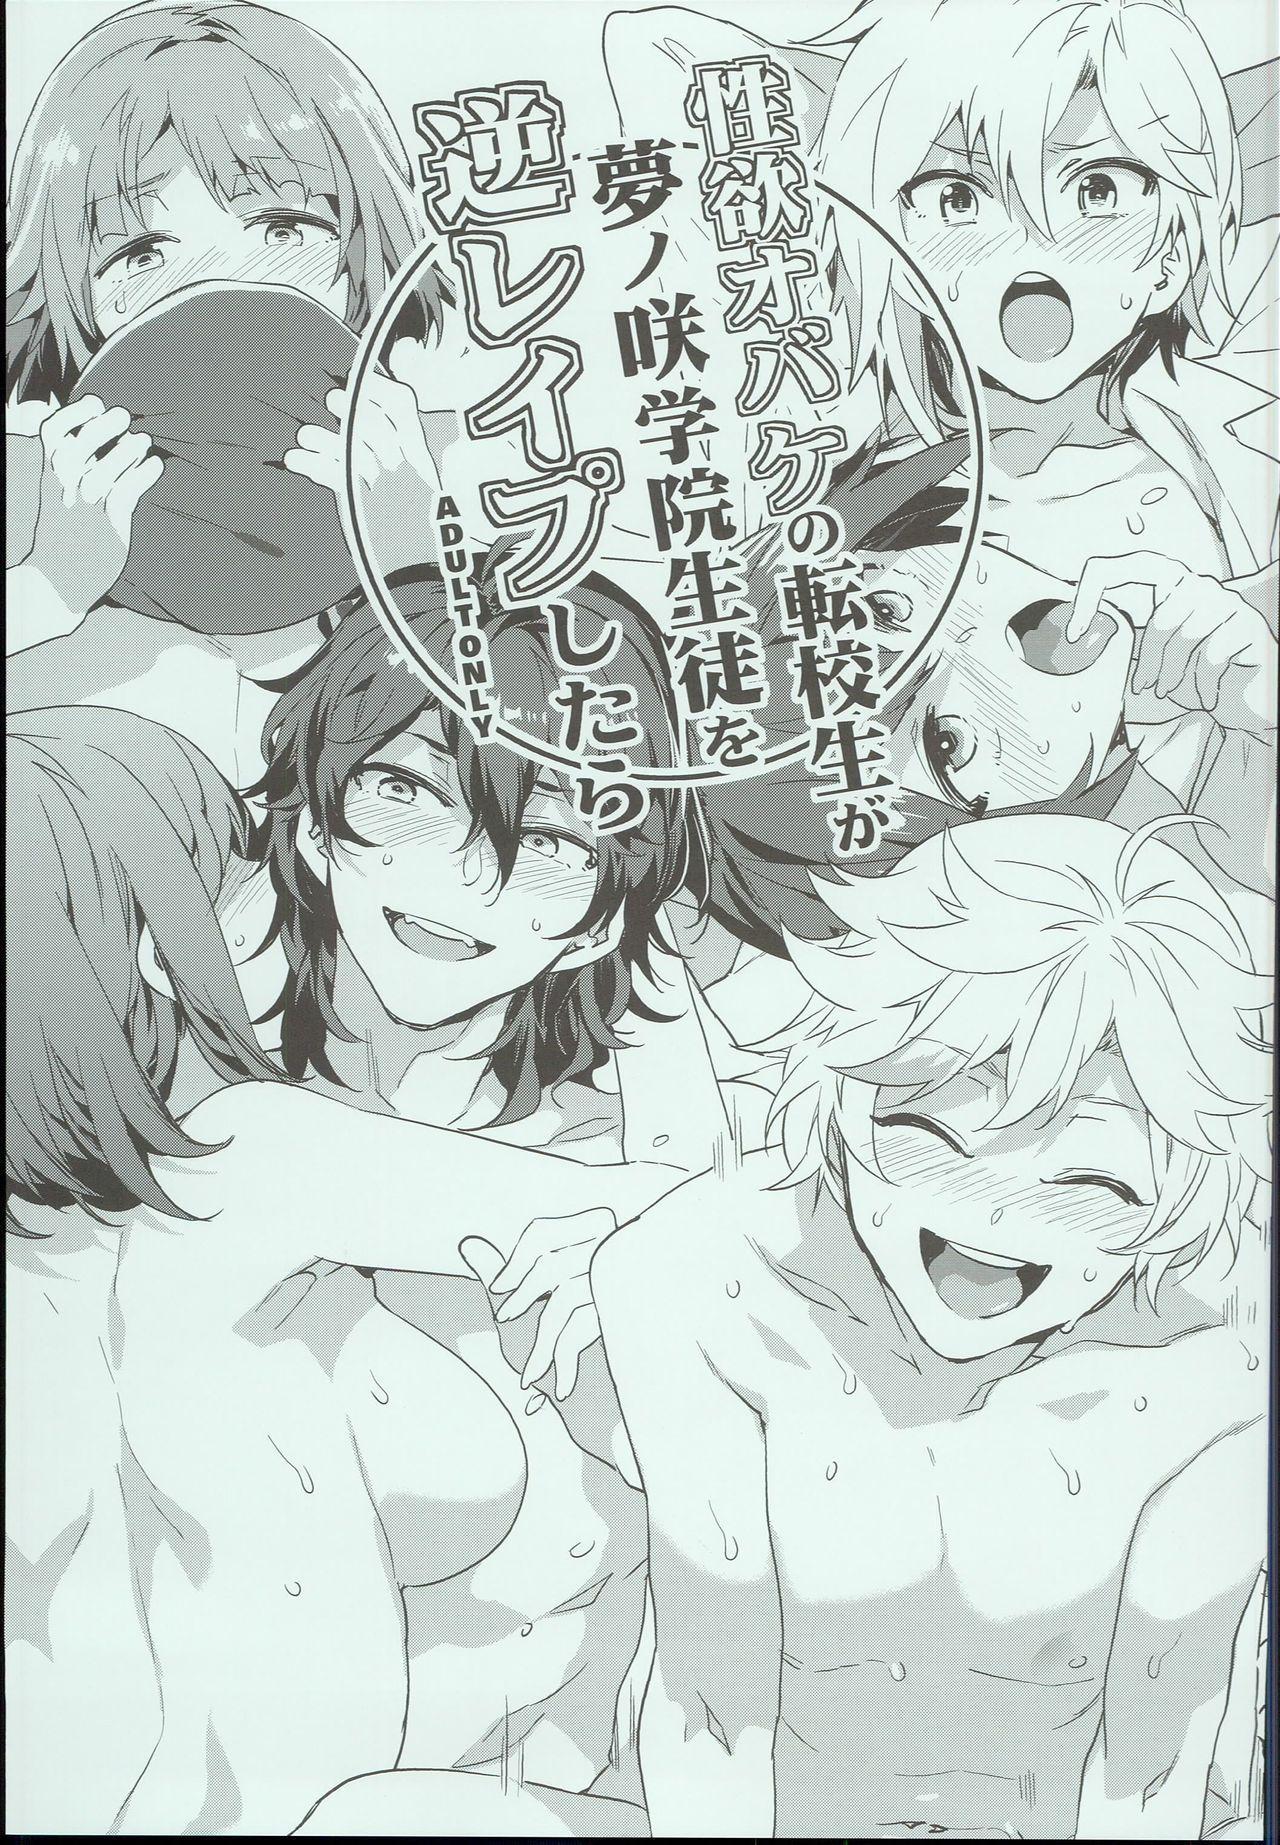 Seiyoku Obake no Tenkousei ga Yumenosaki Gakuin Seito o Gyaku Rape Shitara 0